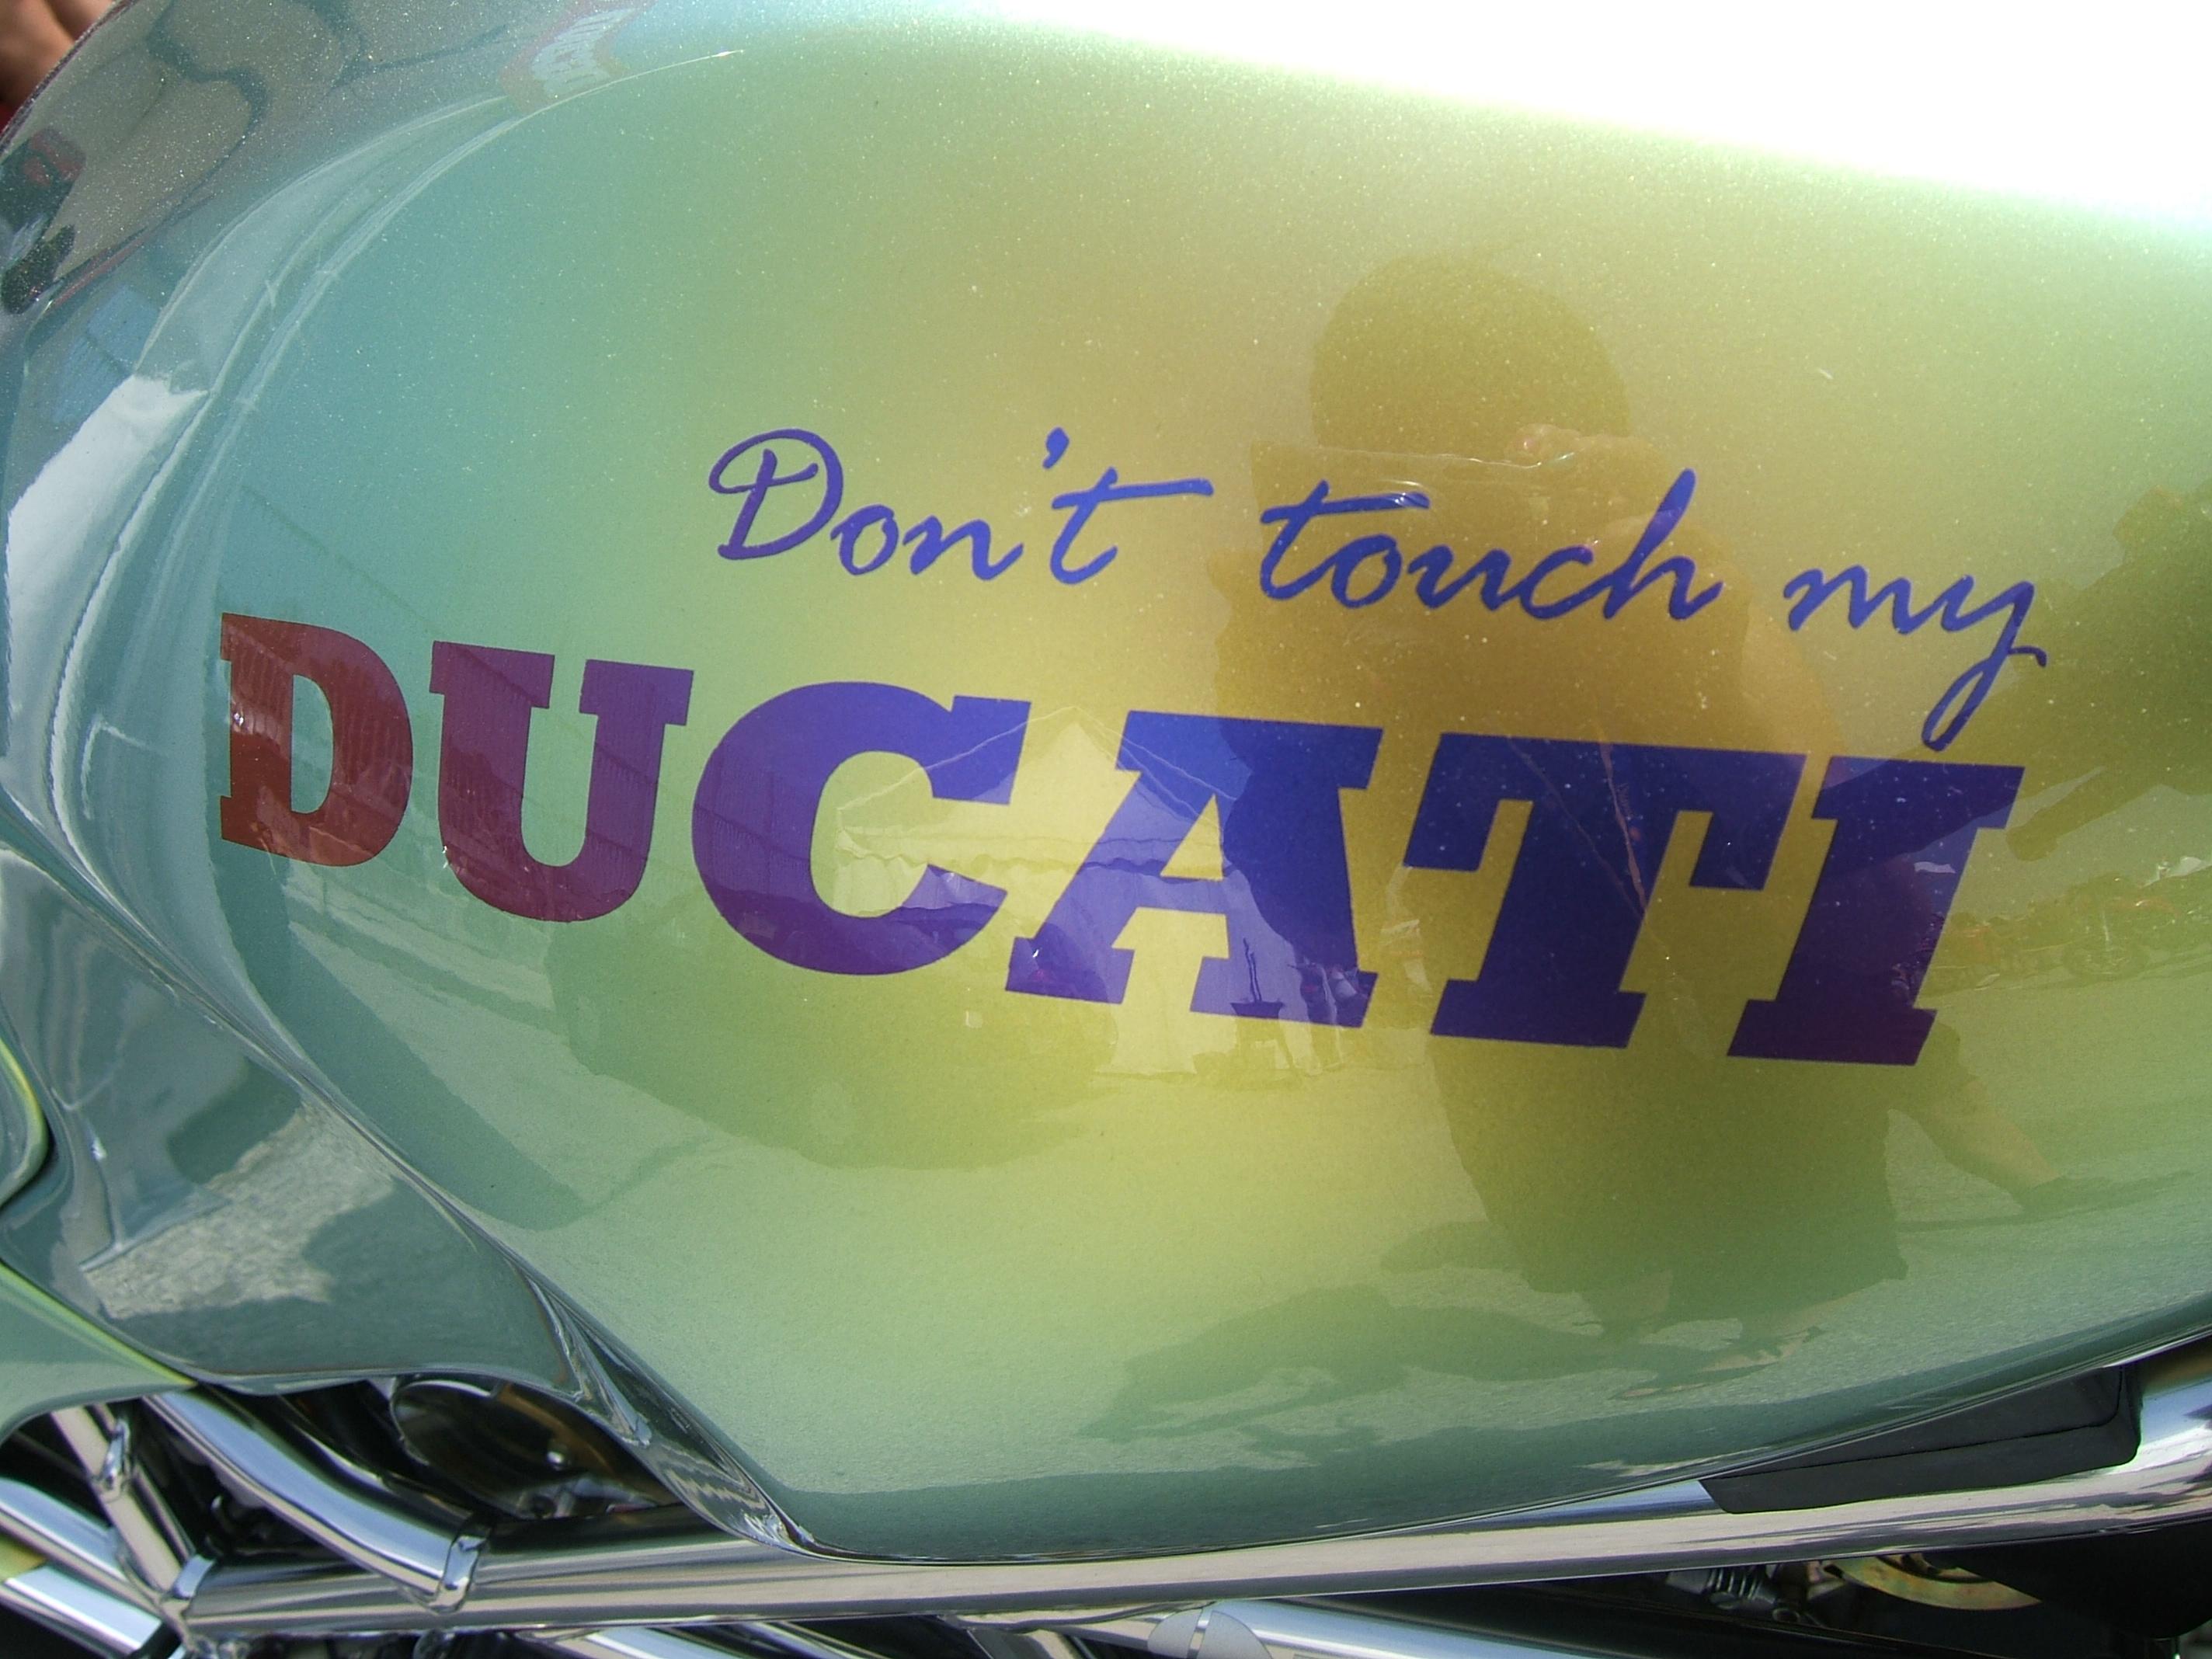 Donta Tucha ma Ducati